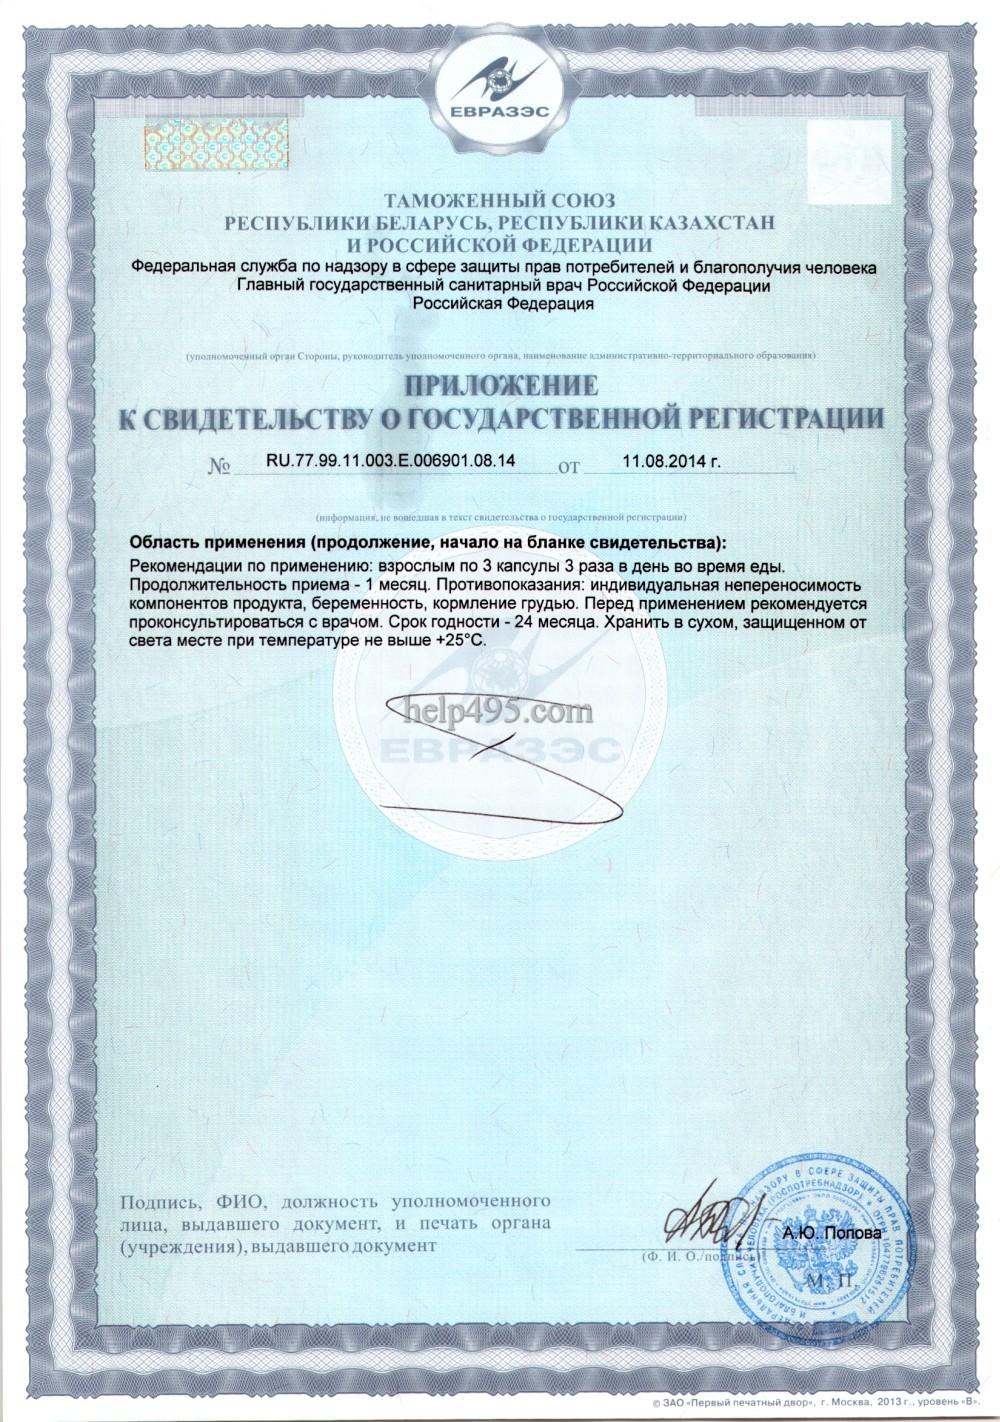 2-ая стр. сертификата Хитозан в капсулах